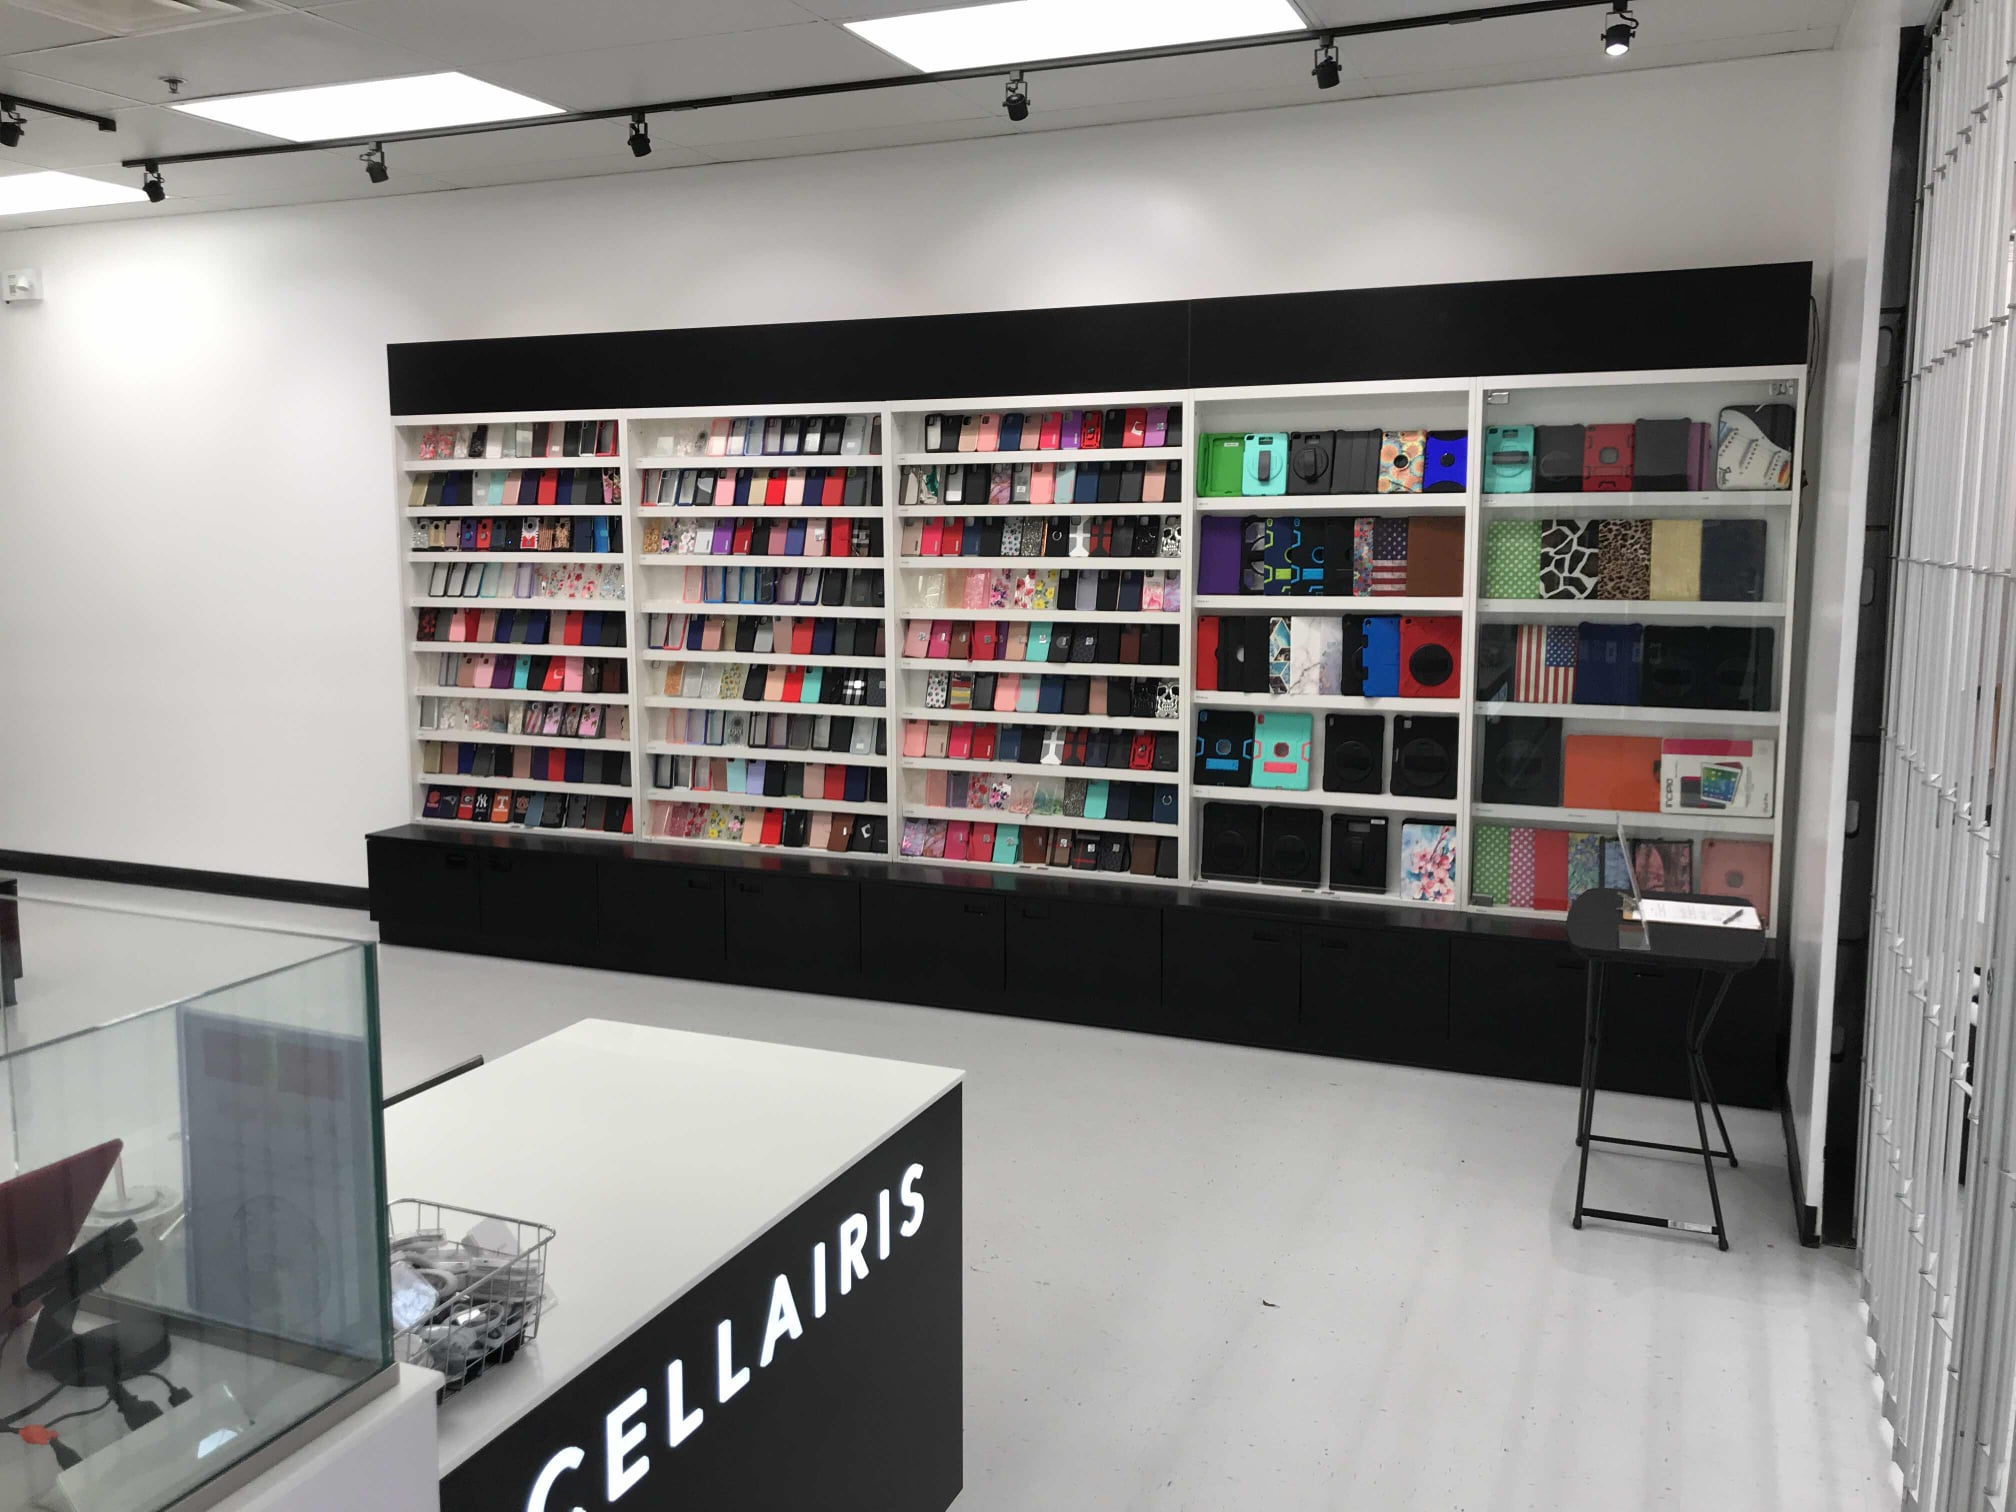 Cellairis Mobile Phone Repair 10